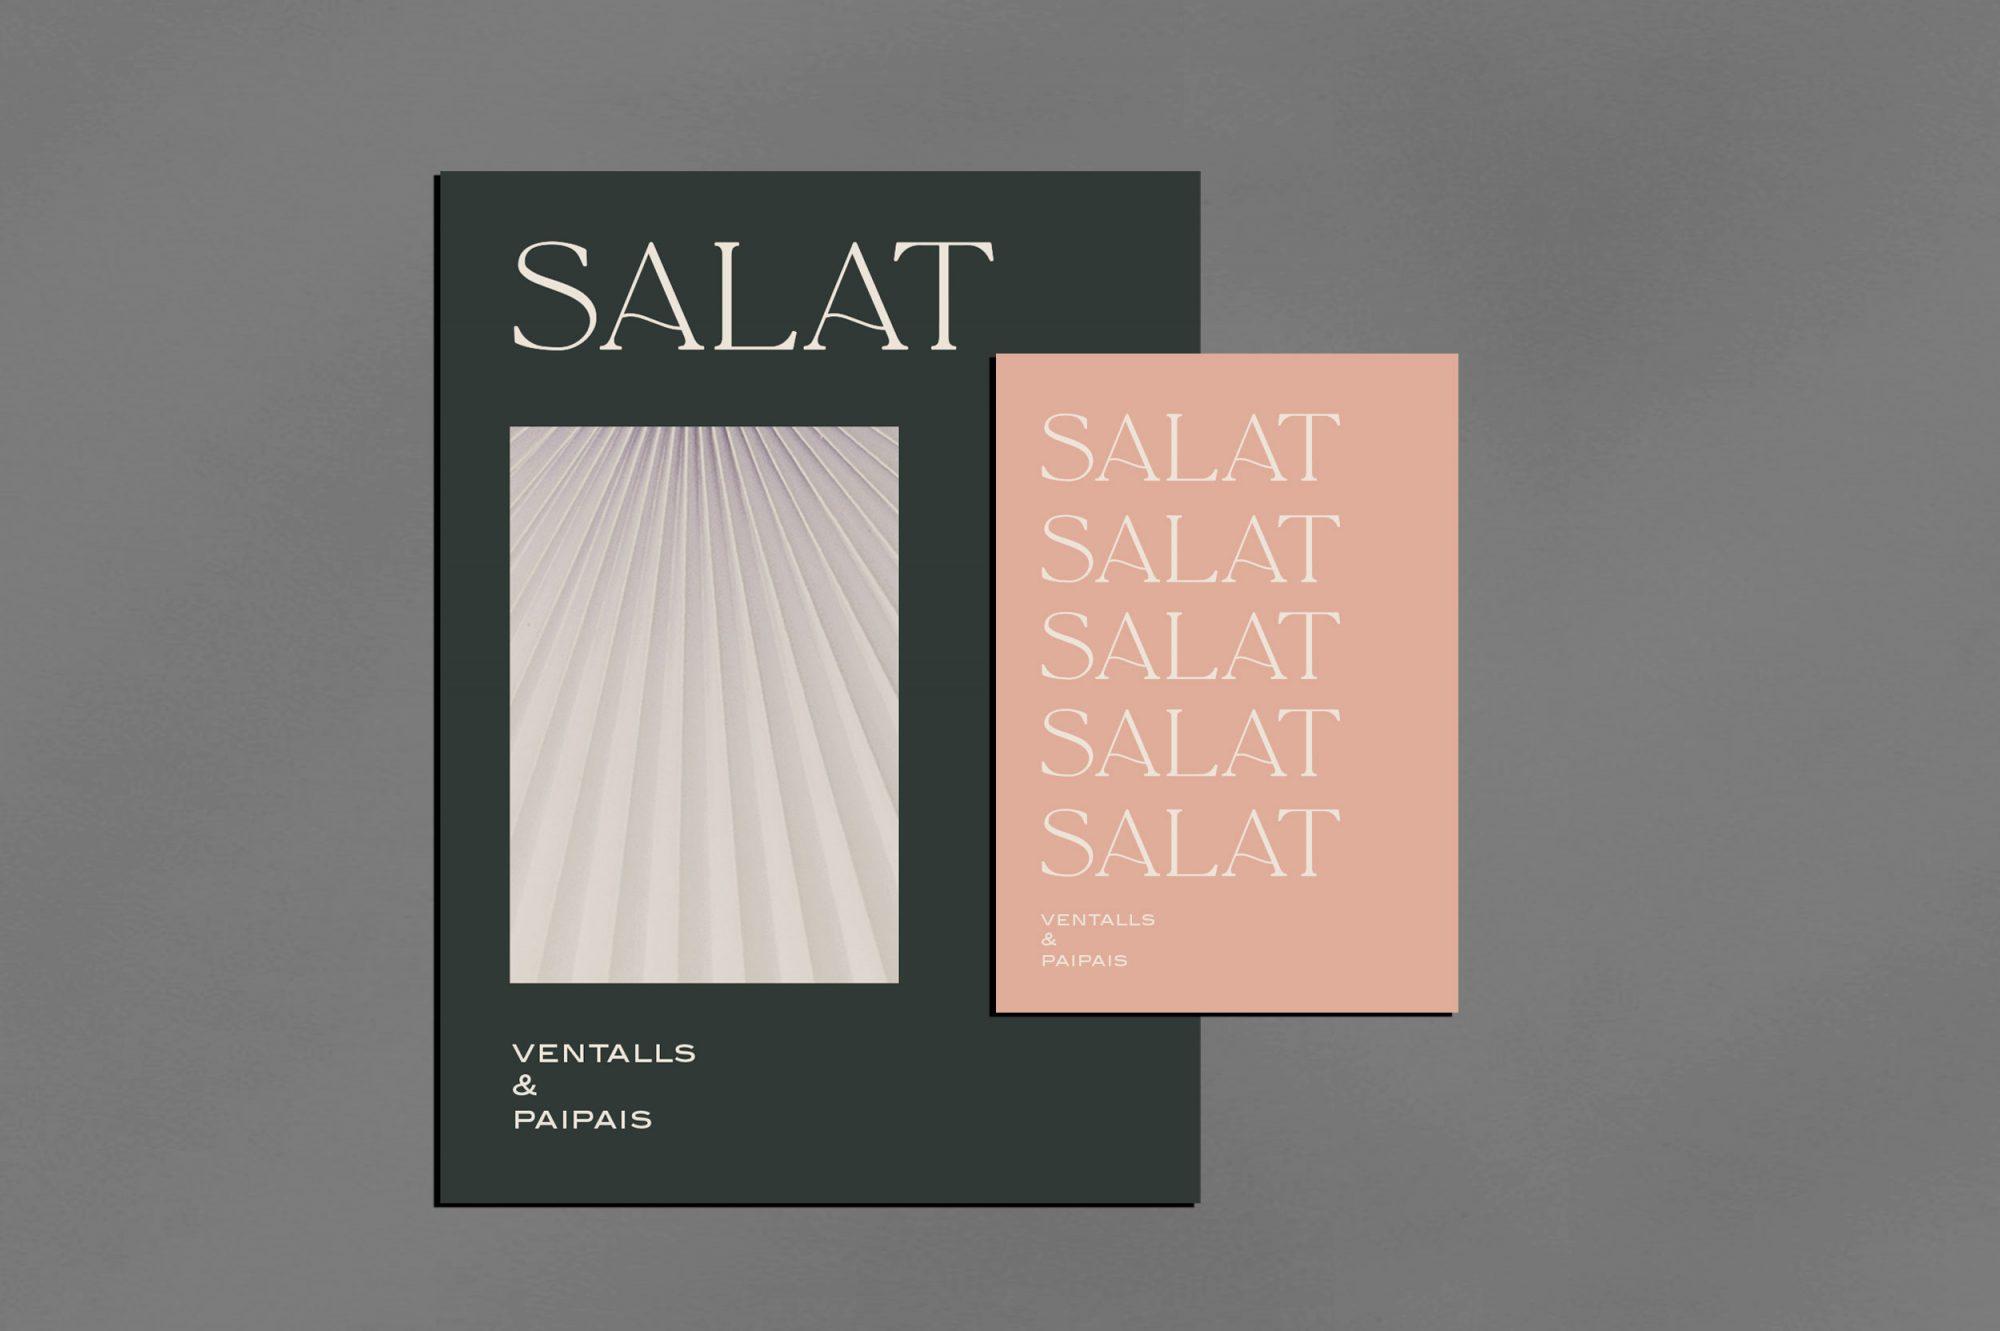 estelalcaraz_salat_07